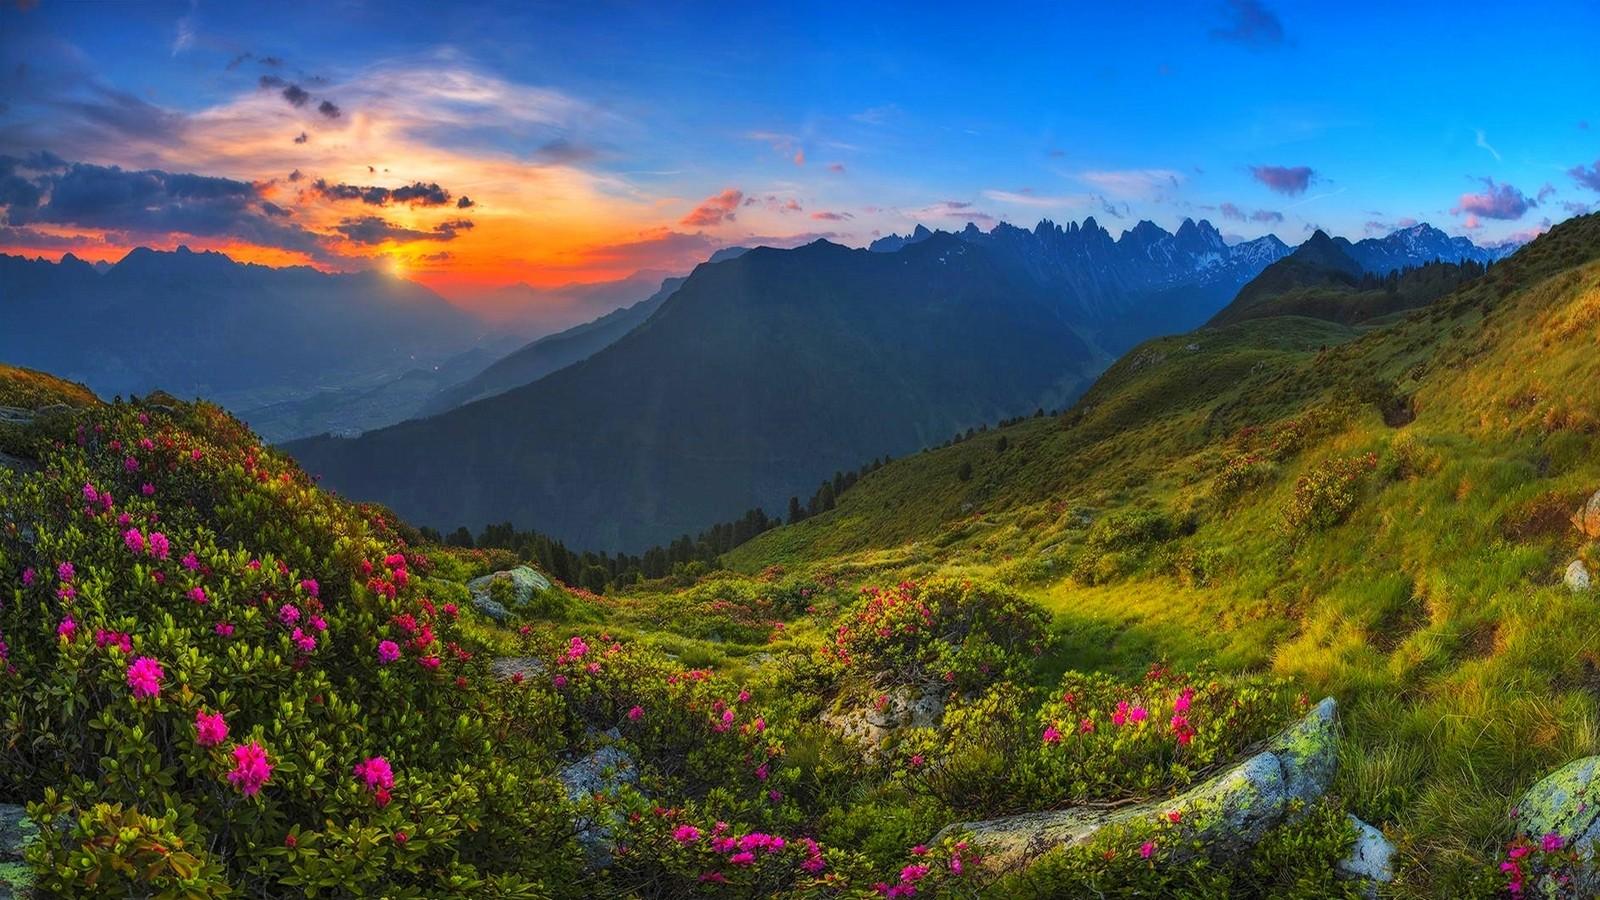 Unduh 7500 Koleksi Wallpaper Pemandangan Gunung Hd Gratis